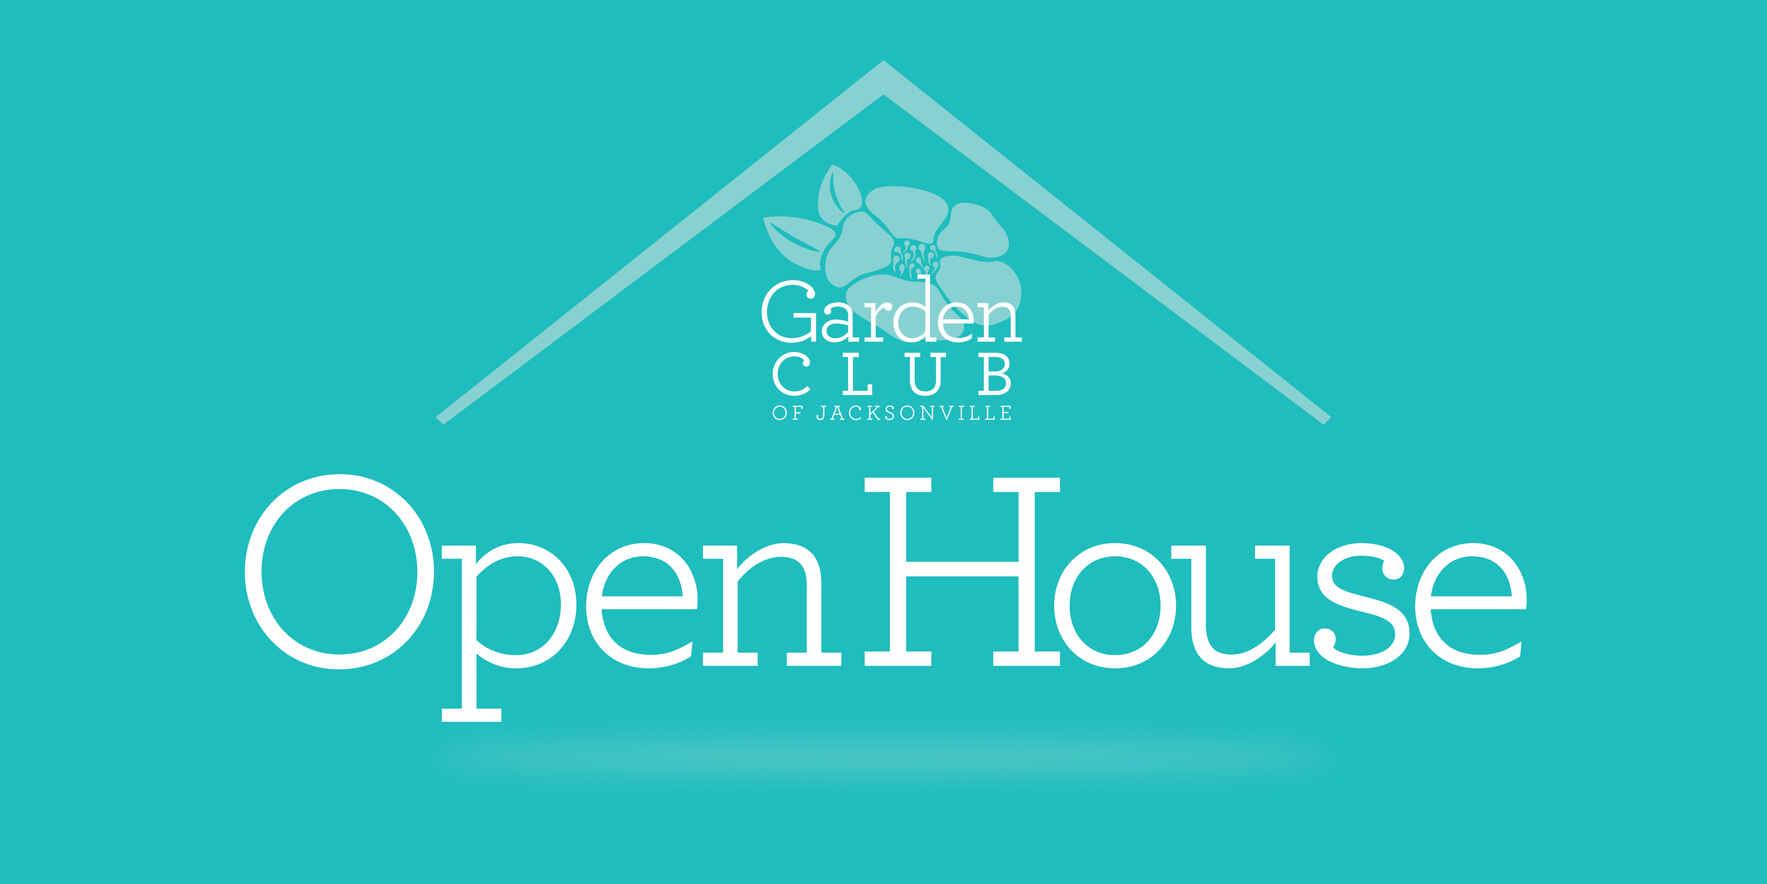 Garden Club Open House image